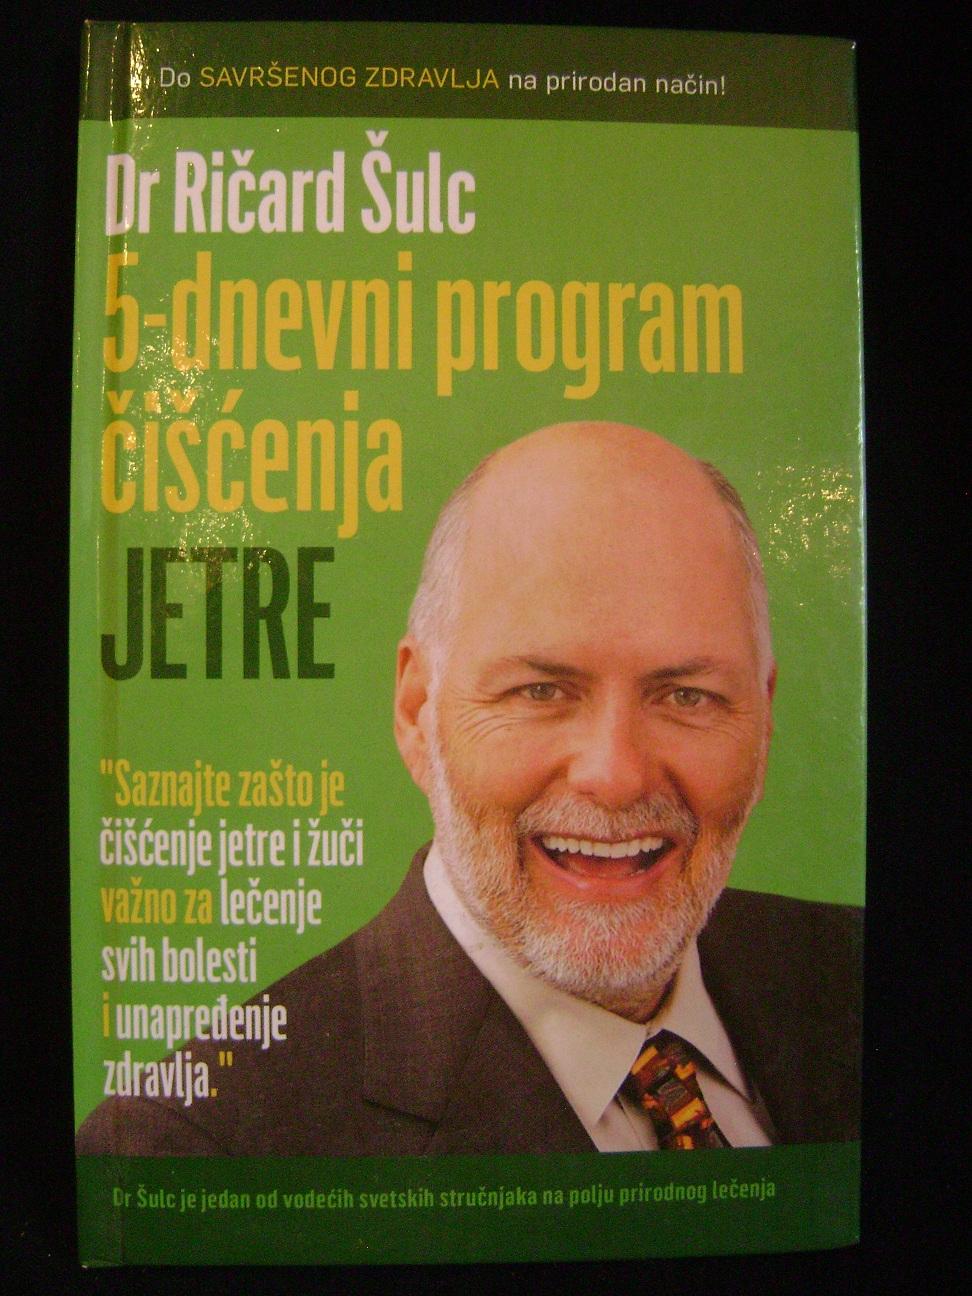 5-DNEVNI_PROGRAM_CISCENJA_JETRE_Ricard_Sulc.JPG